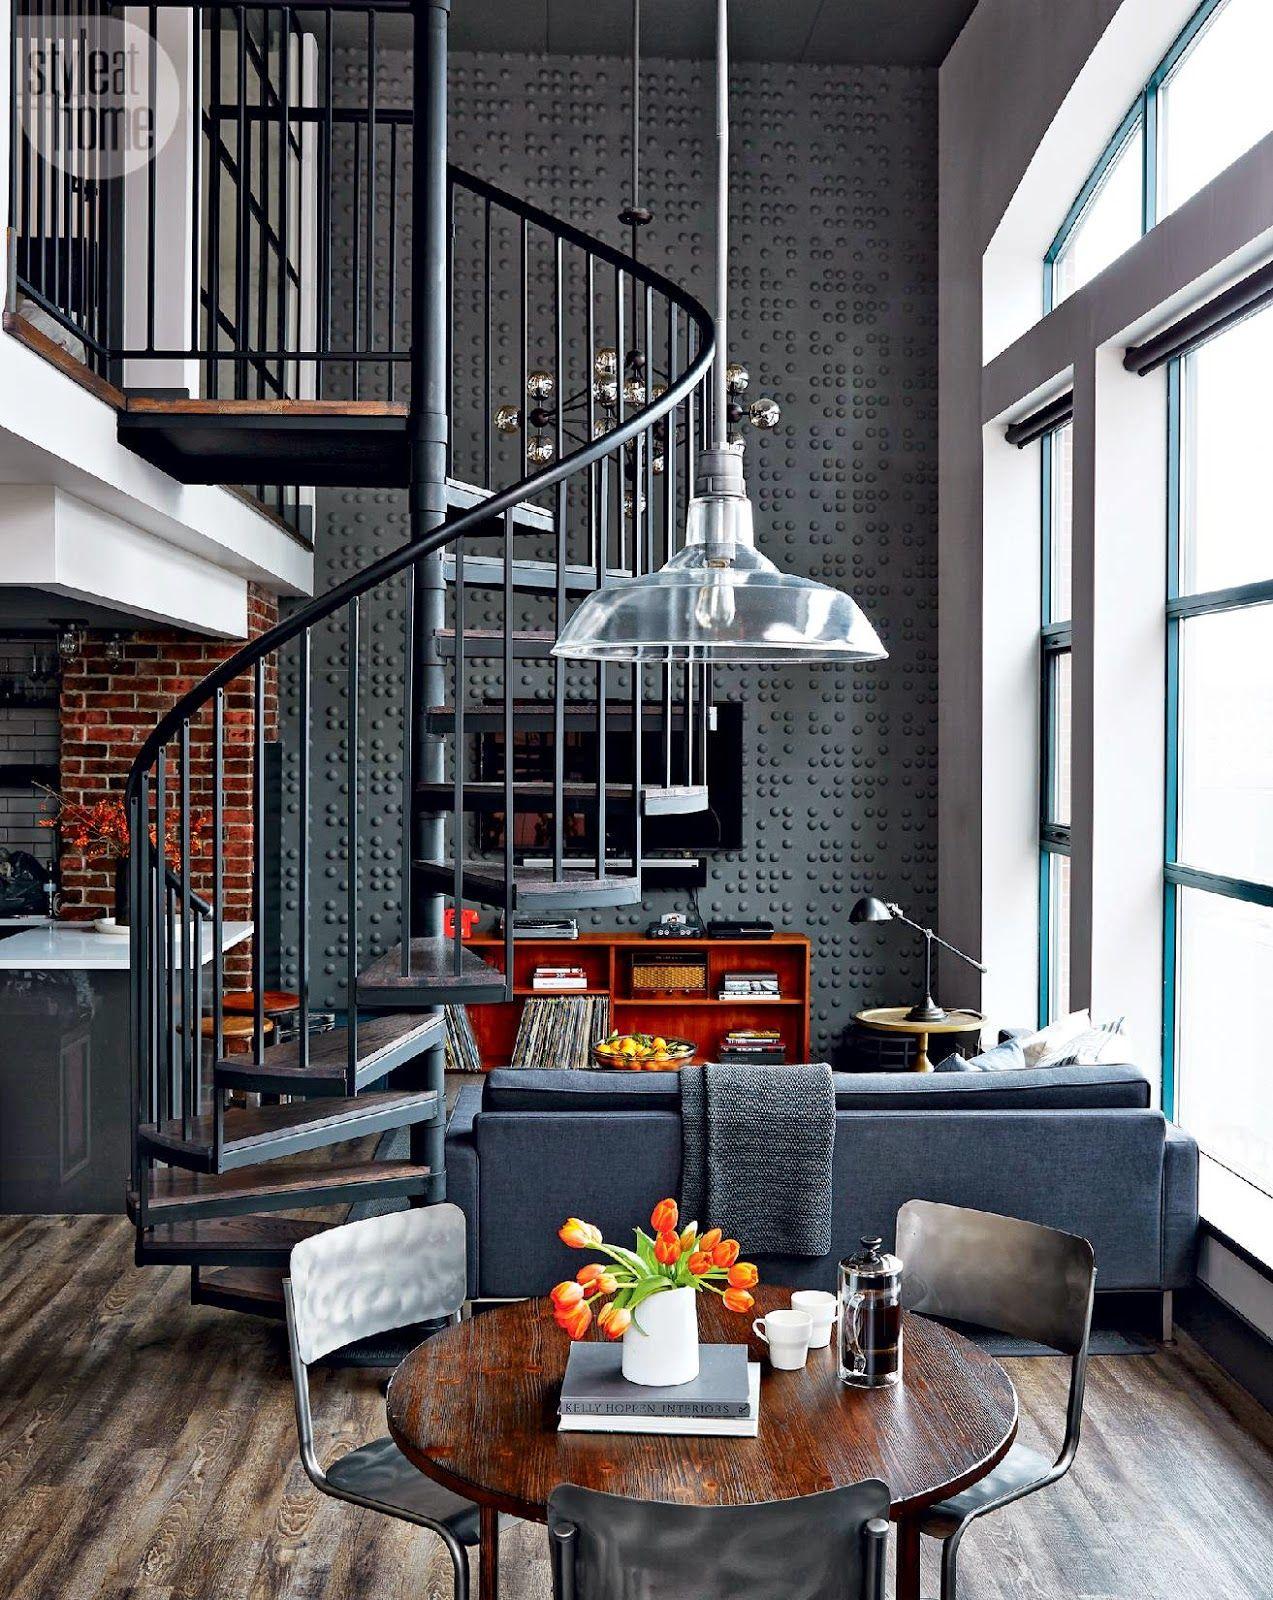 Jurnal de design interior - Amenajri interioare : Amenajare masculin  ntr-un loft de 70